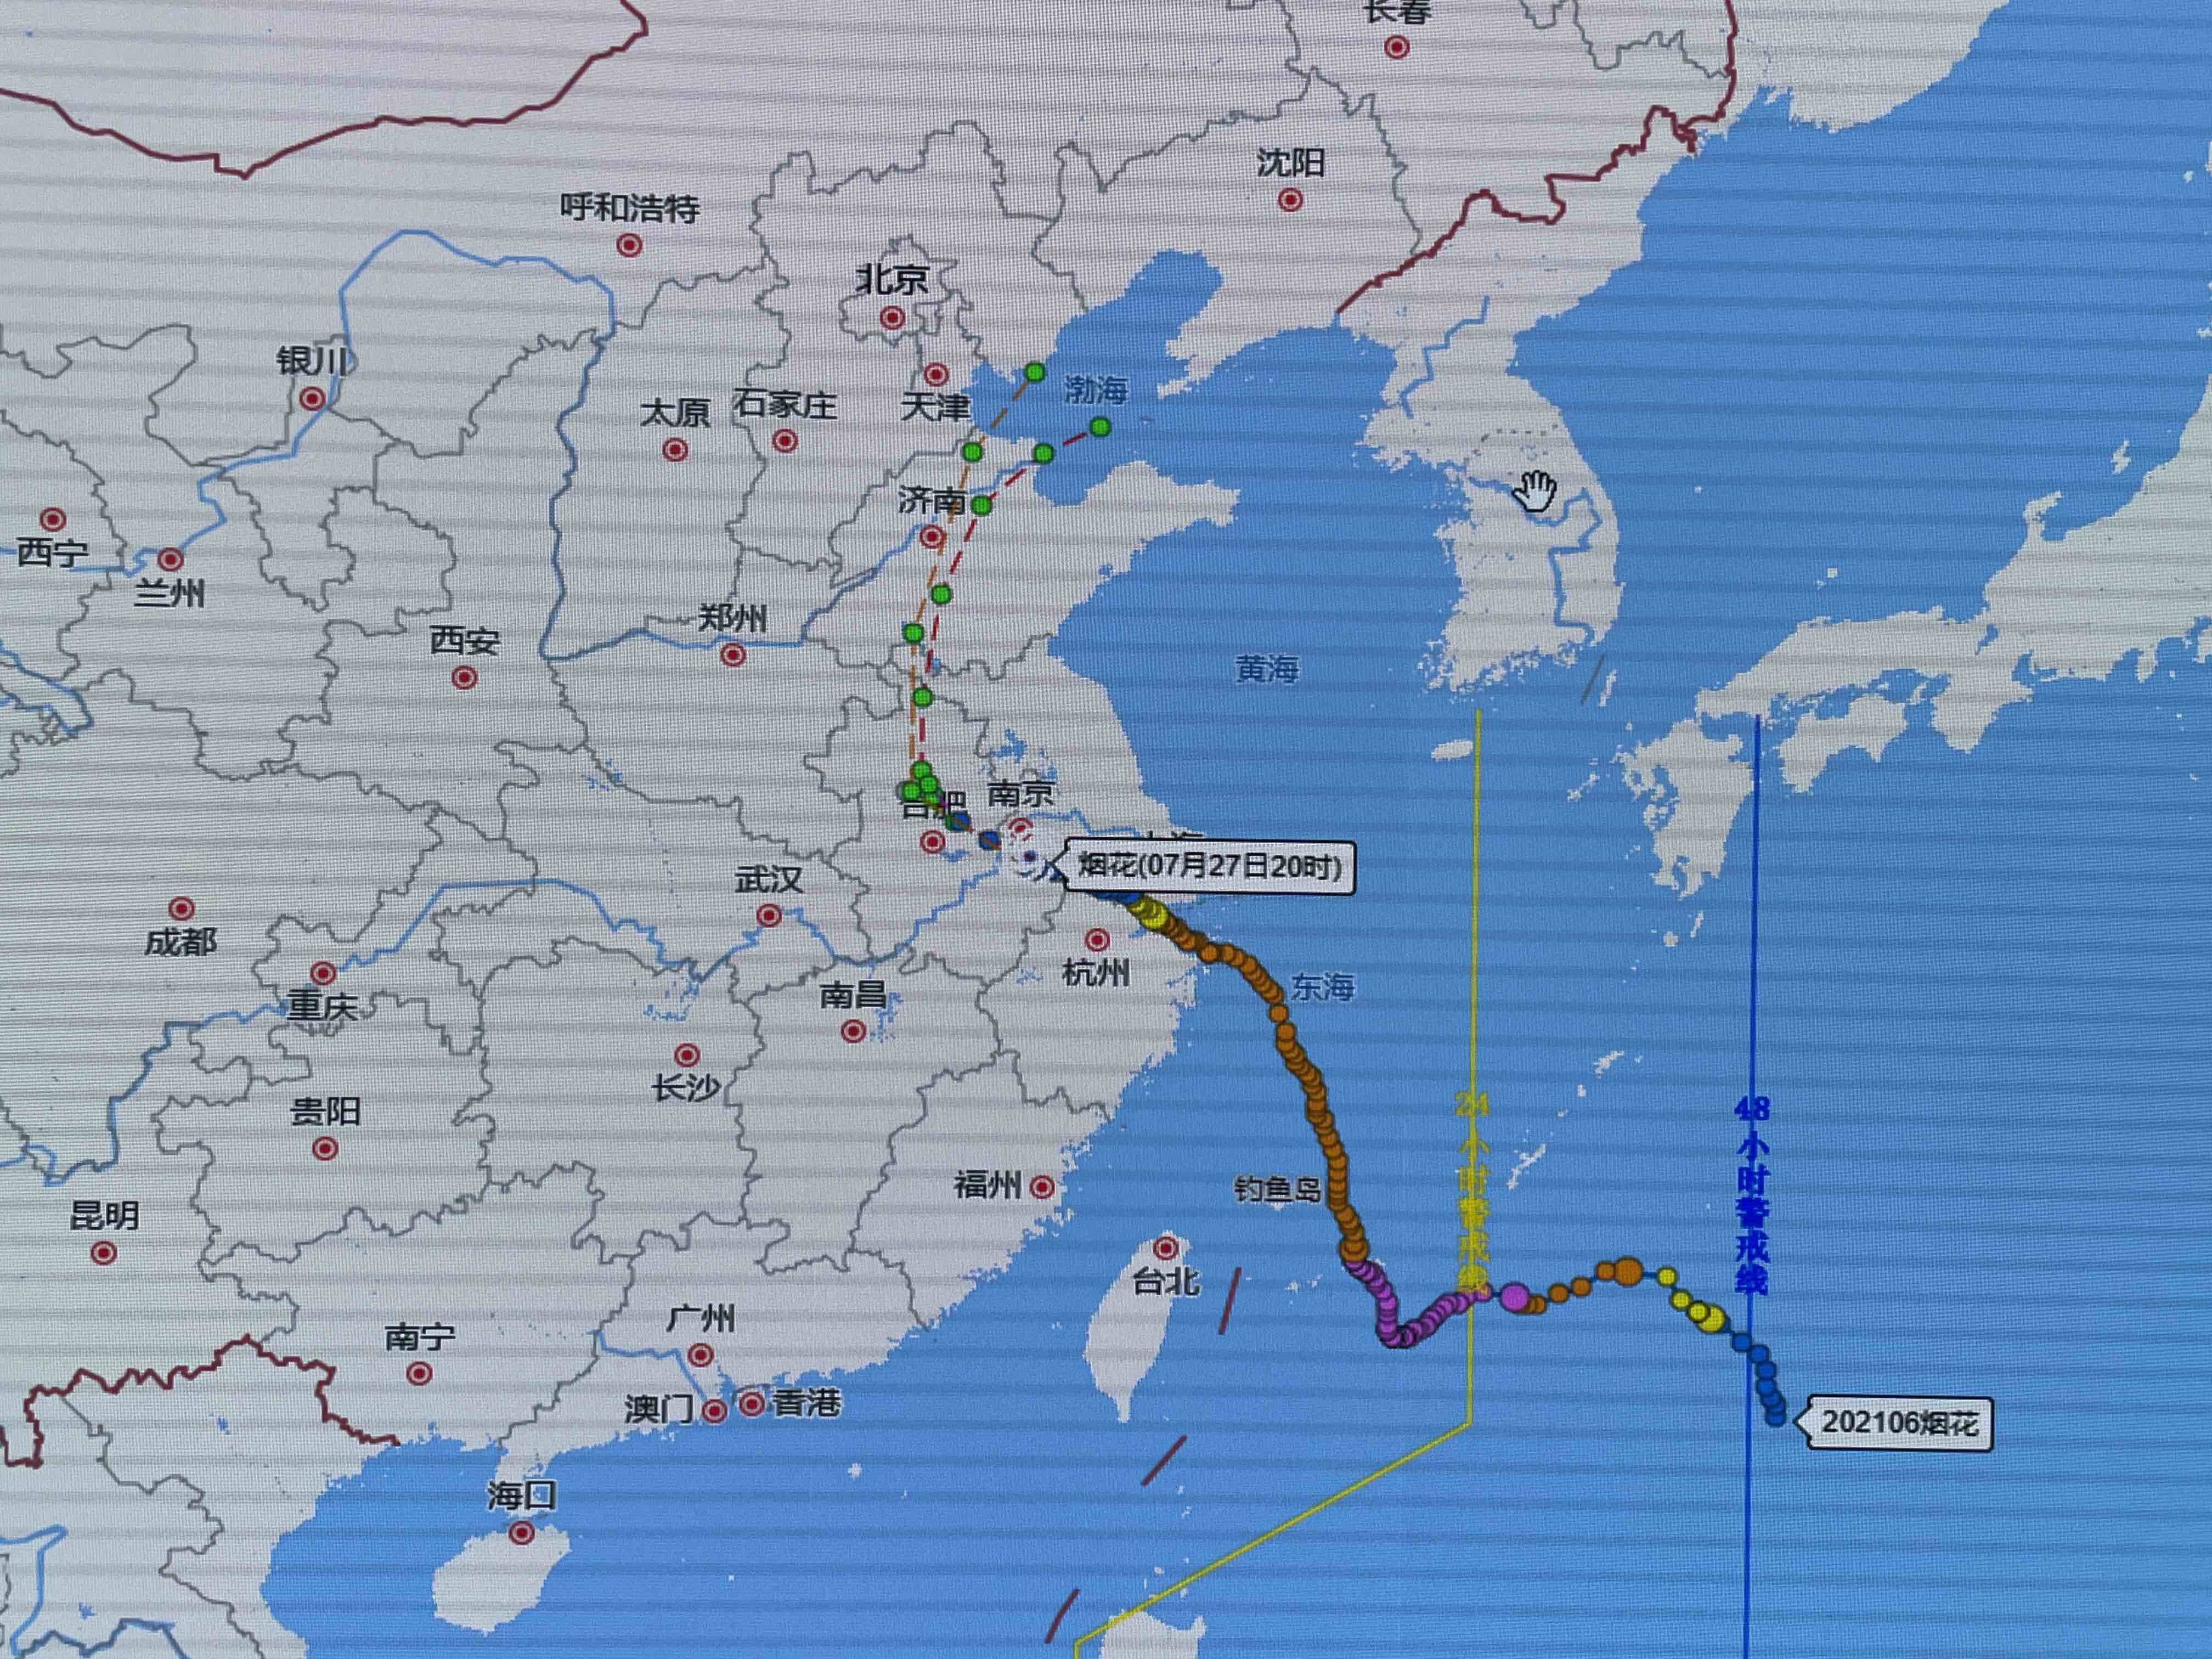 """台风""""烟花""""外围最大风力降到8级 27日白天山东平均降水量3.4毫米"""